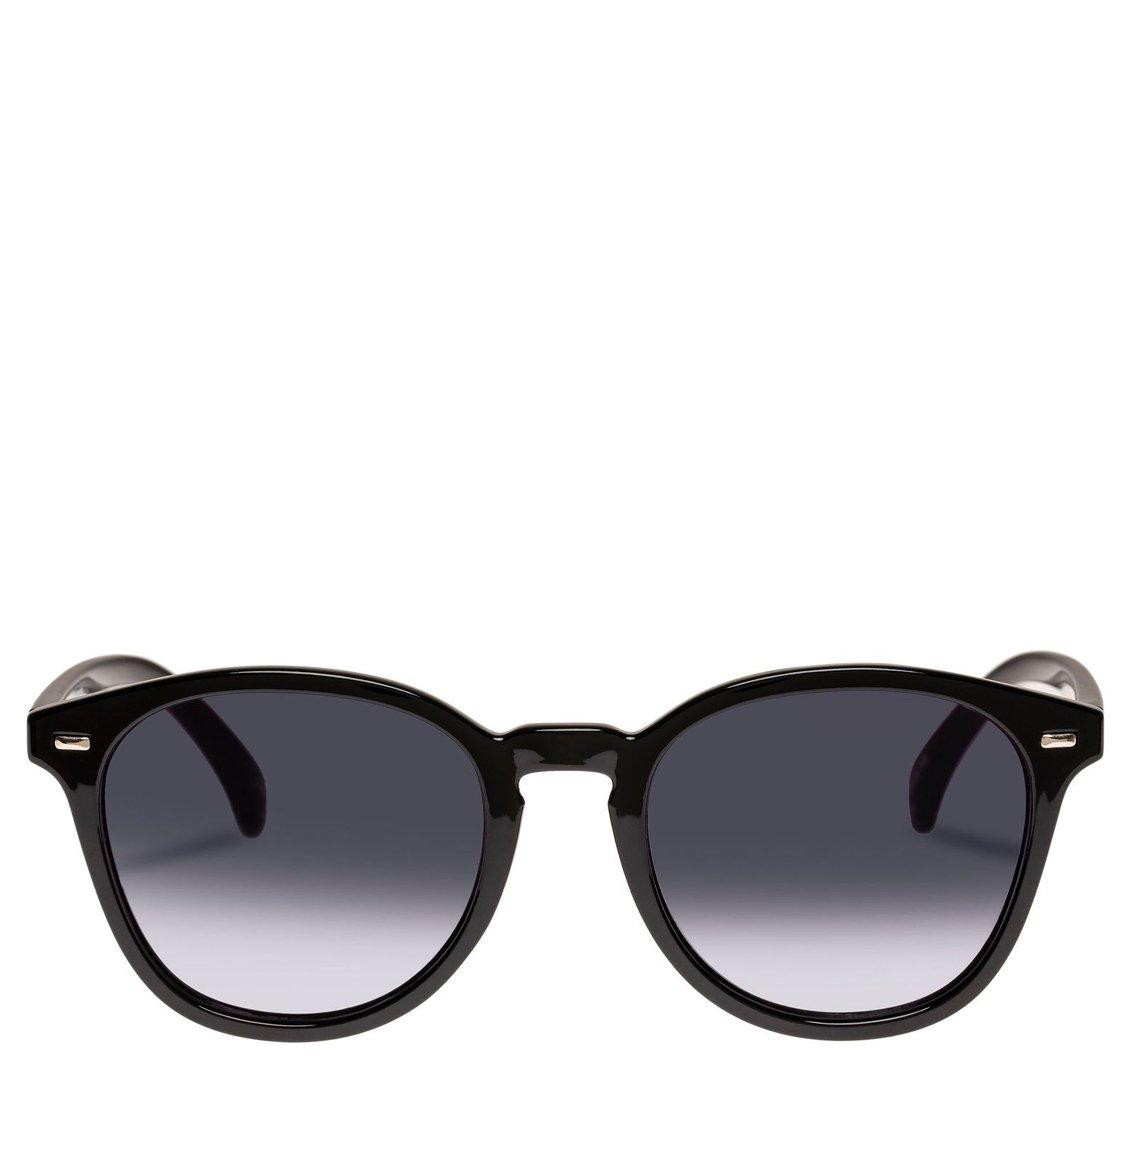 Le Specs Round Black Γυαλιά Ηλίου